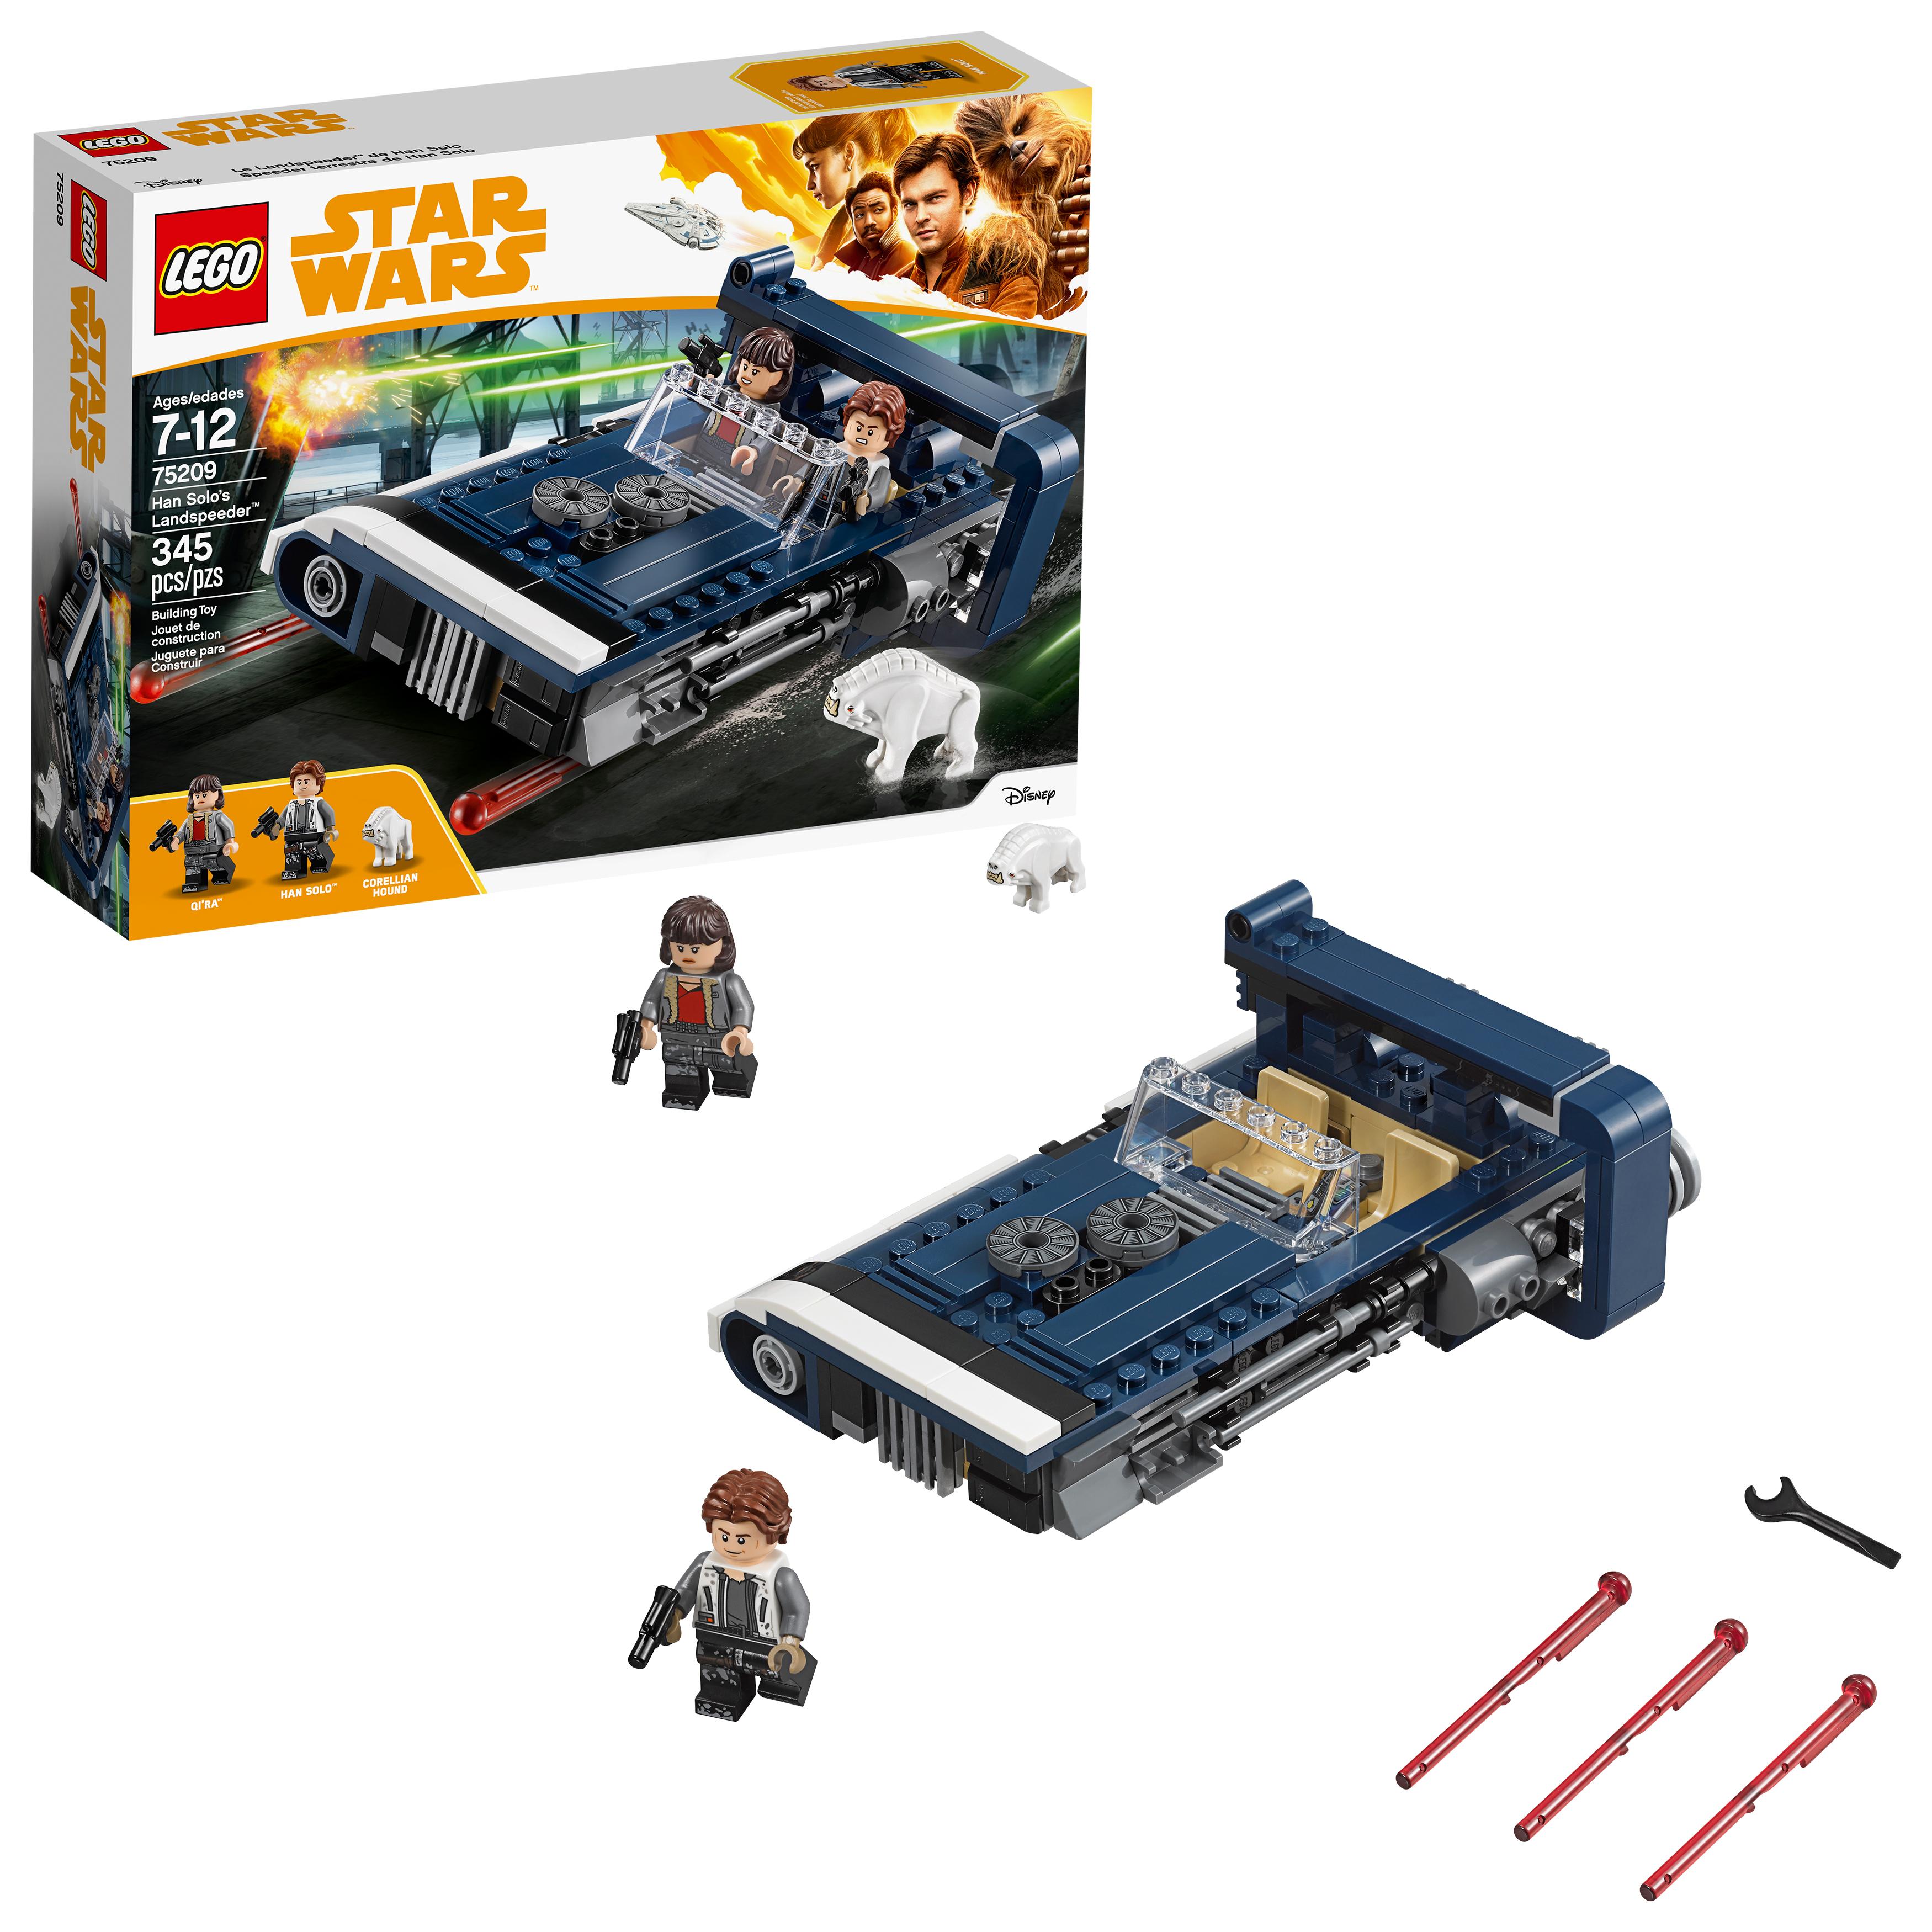 LEGO Star Wars Solo: A Star Wars Story Han Solo's Landspeeder (75209) 345 Pieces - $15.13 @ Amazon